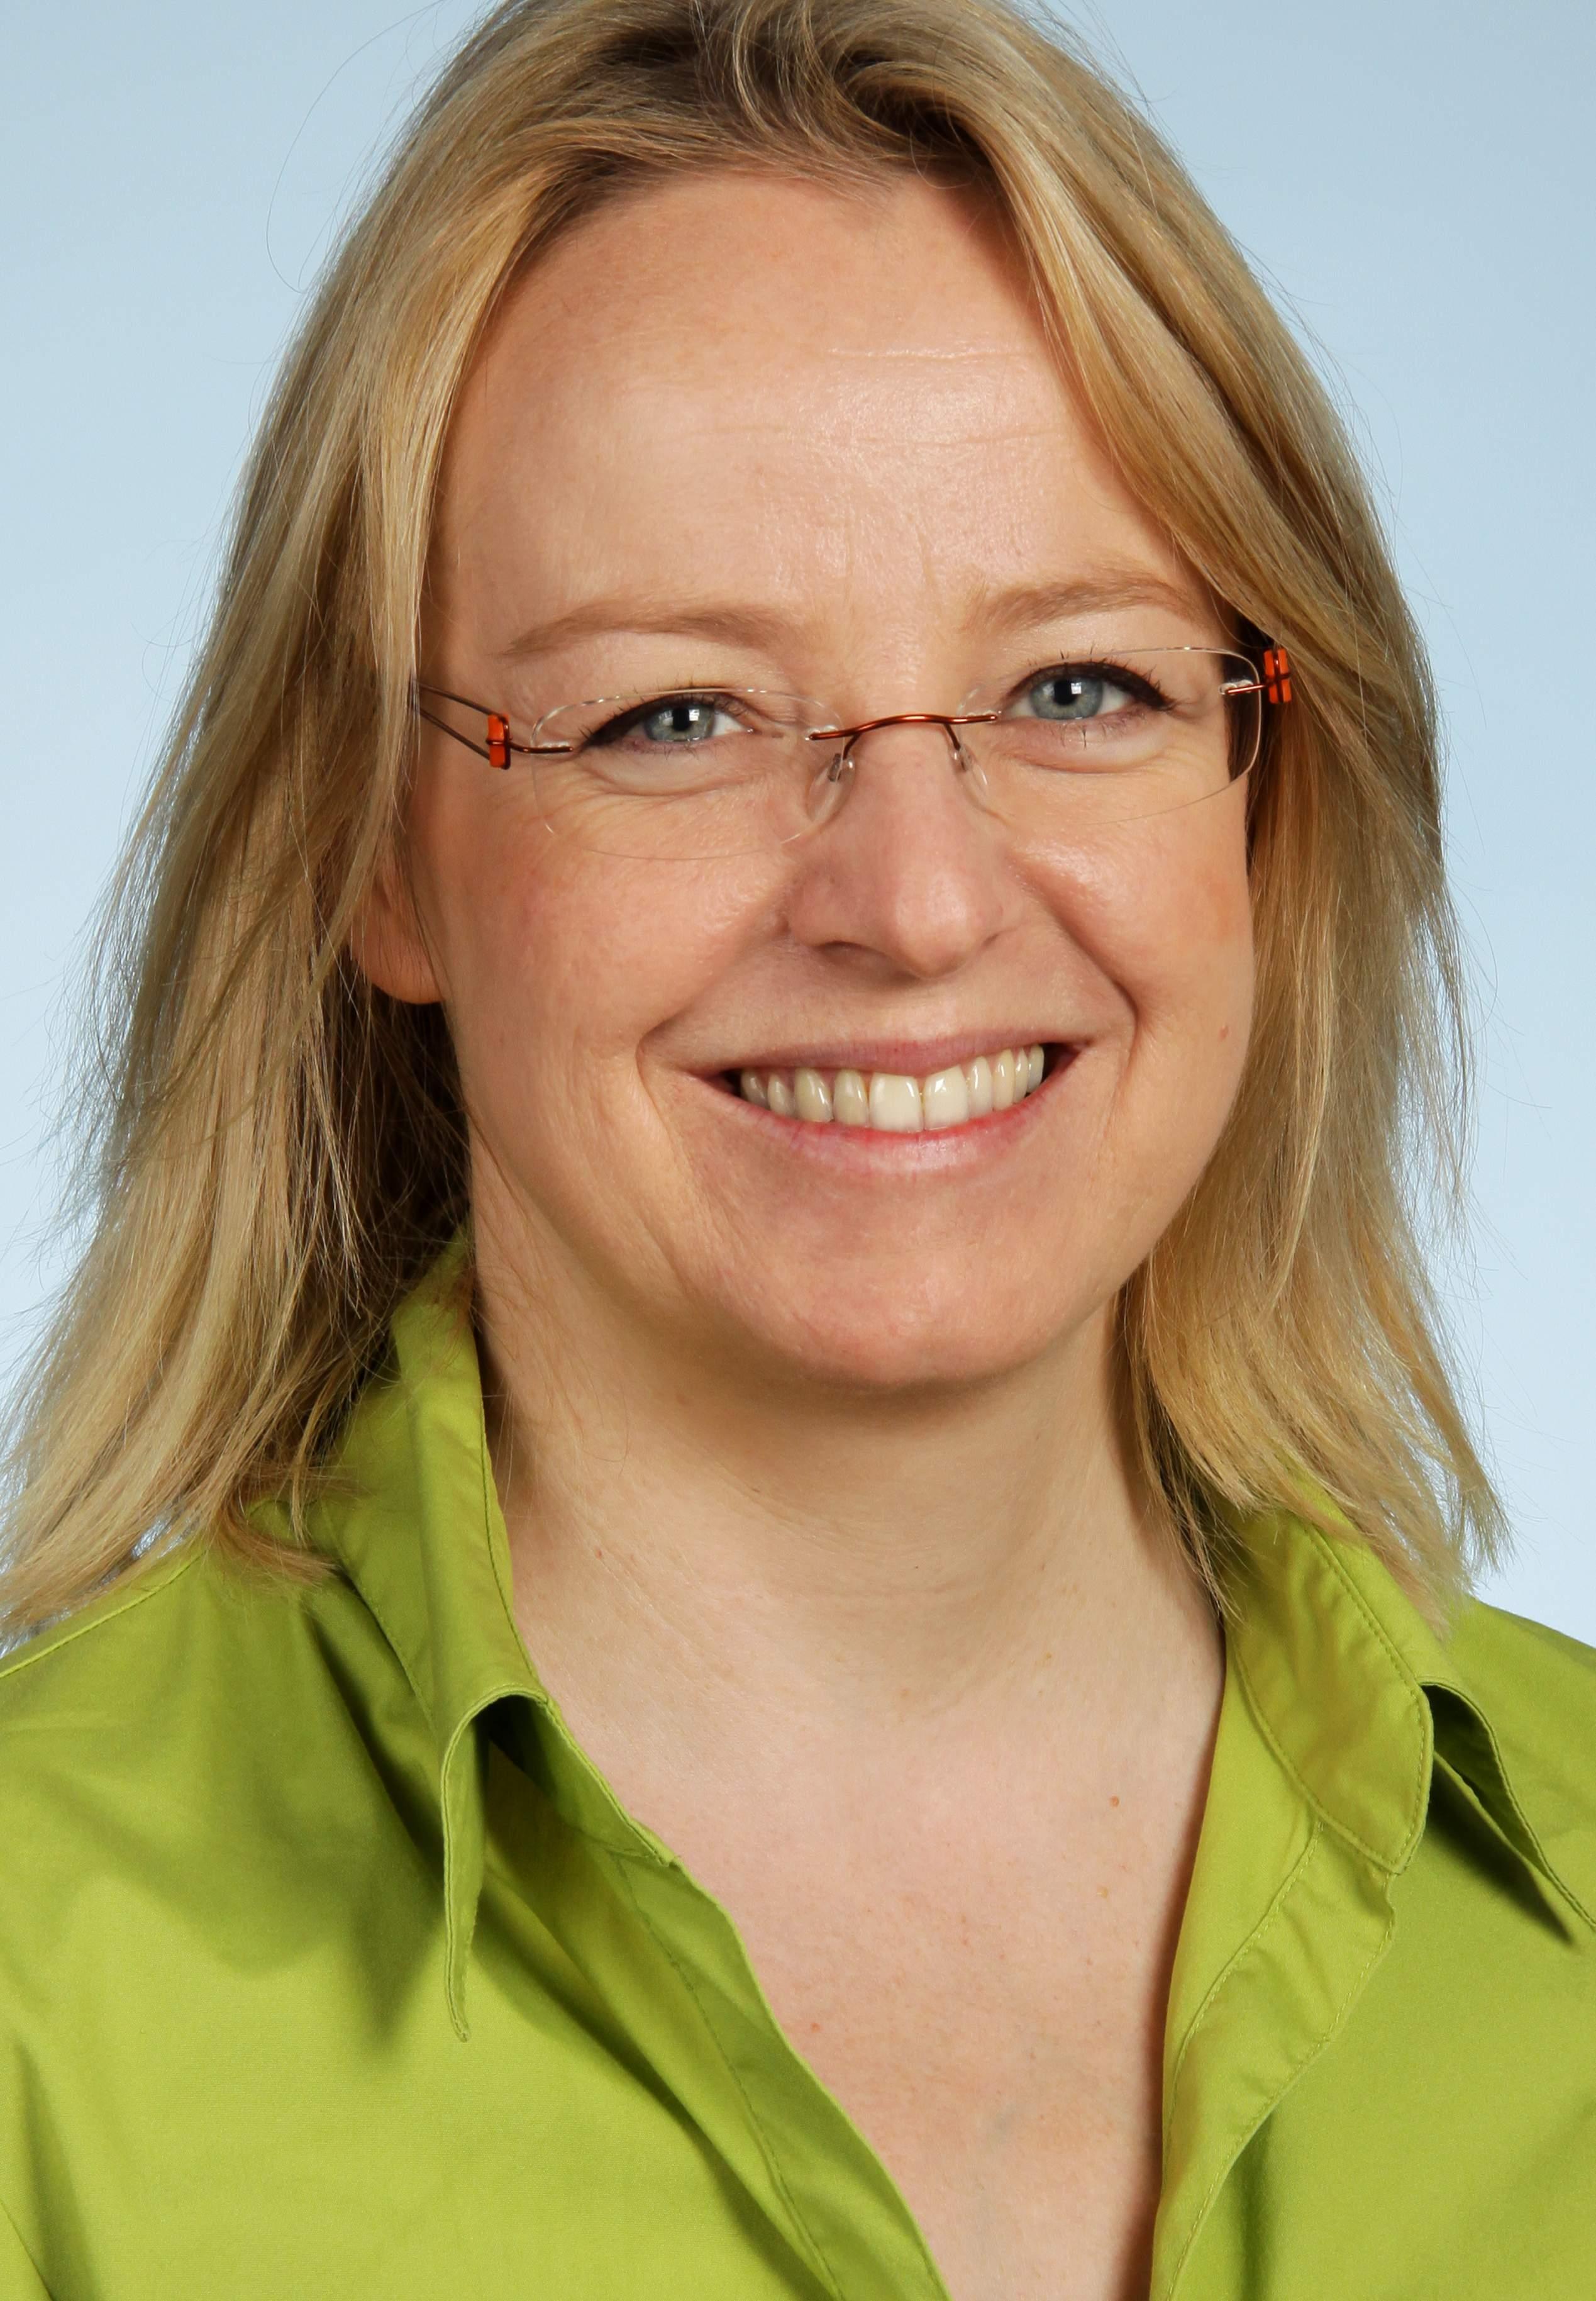 Foto Sylvia Pilz  (2)